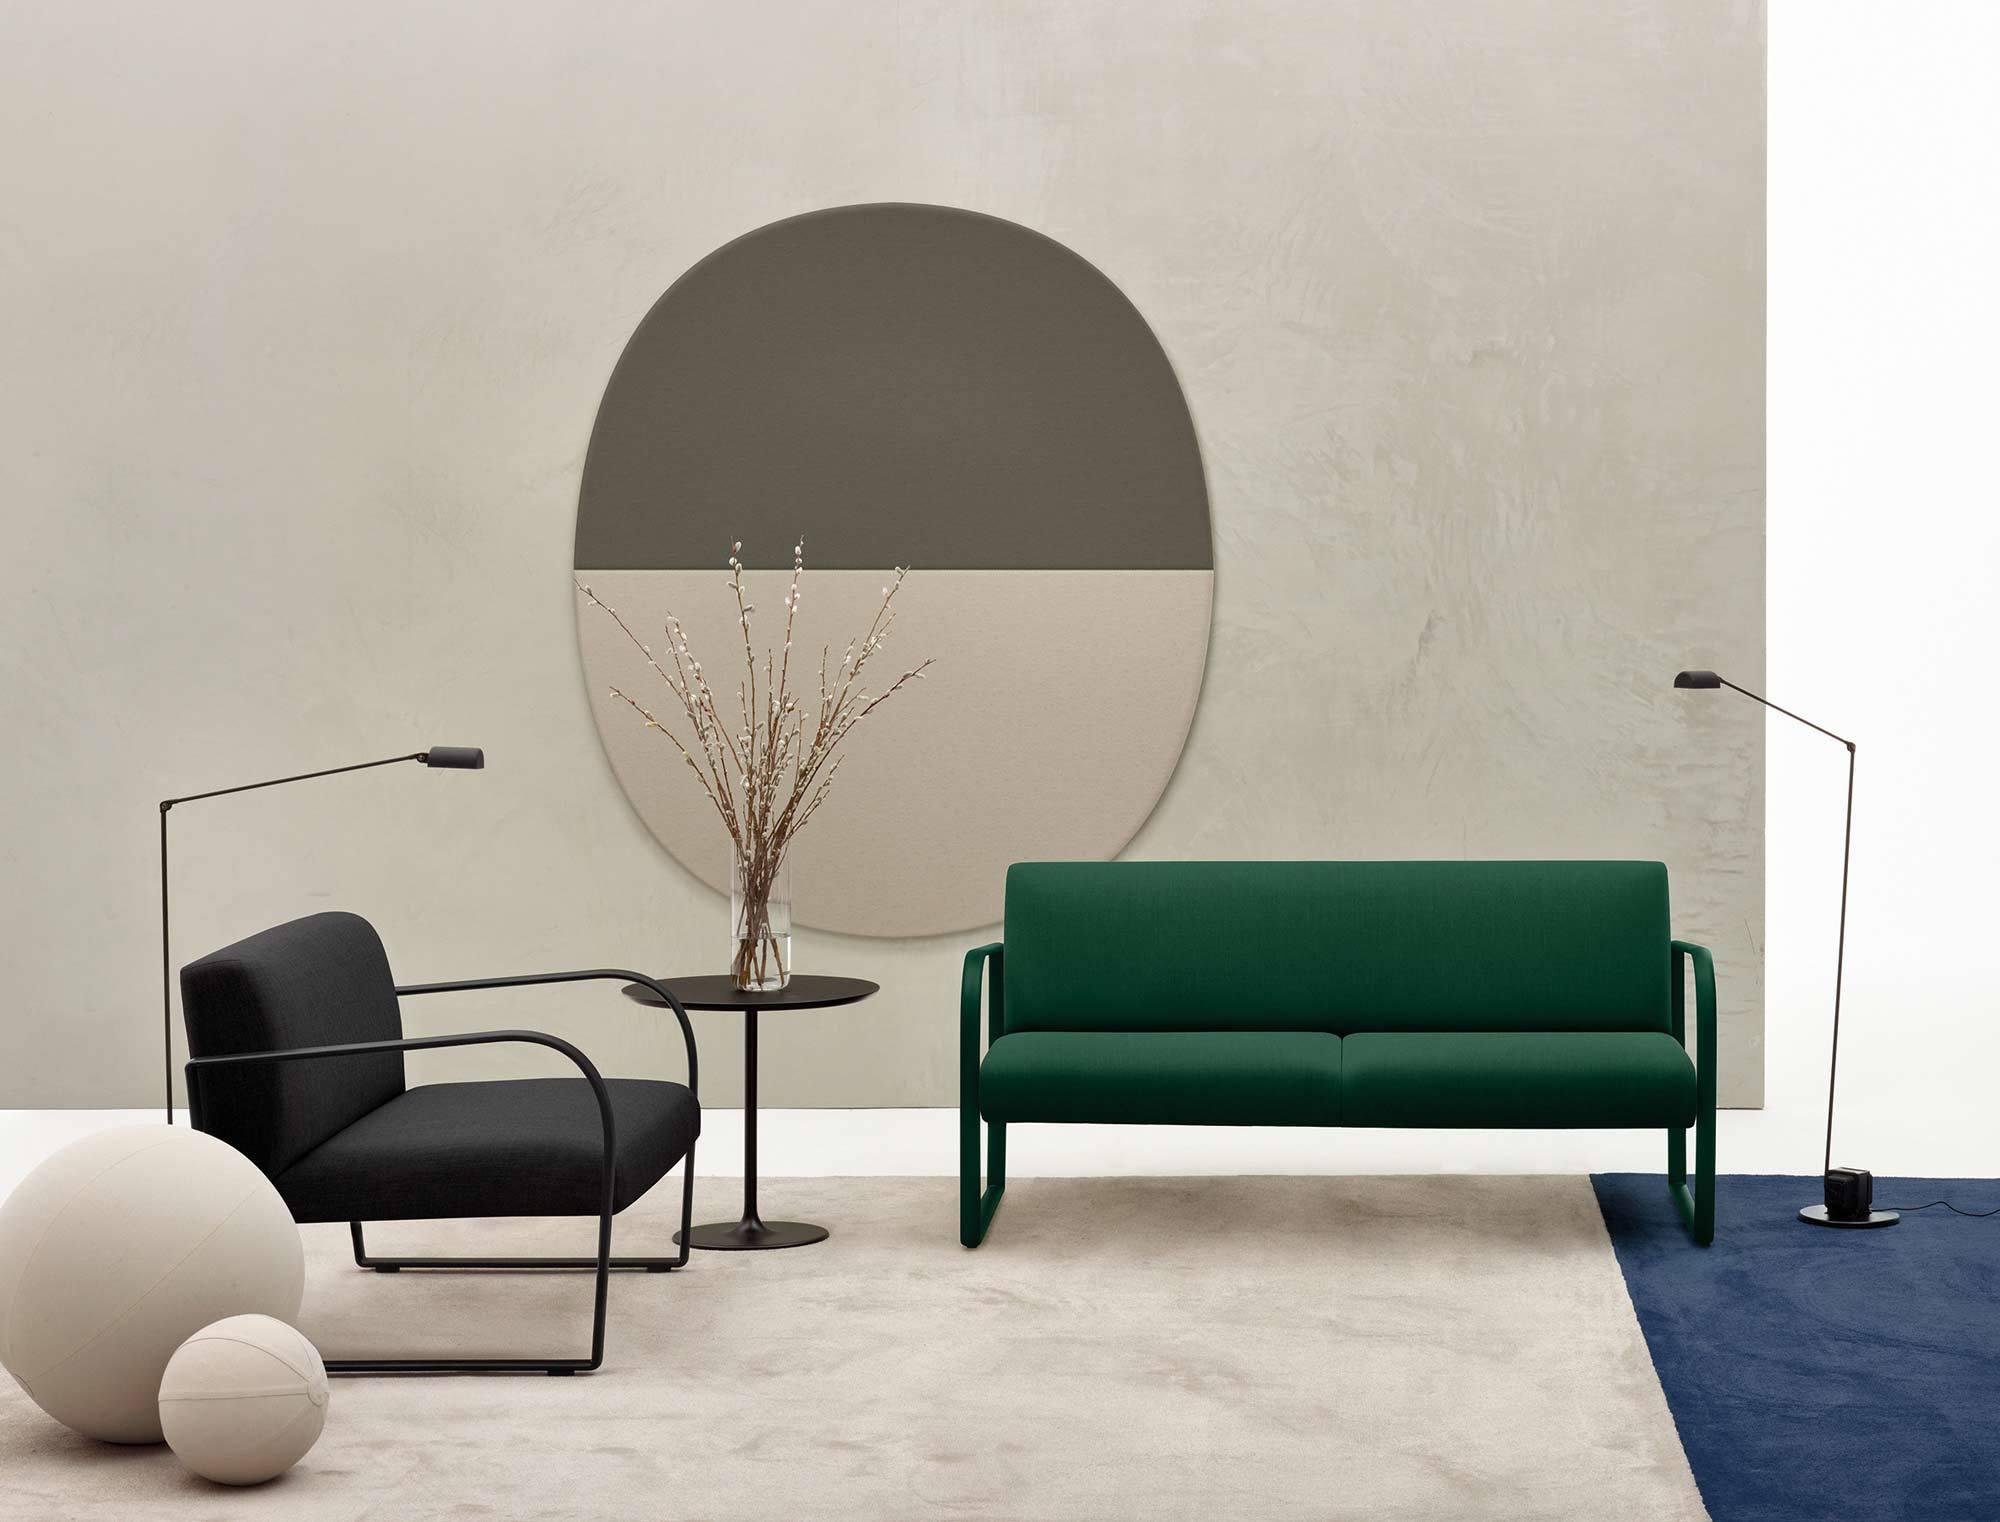 Arcos für Arper, Design: Lievore Altherr Molina, 2017, Foto: Marco Covi